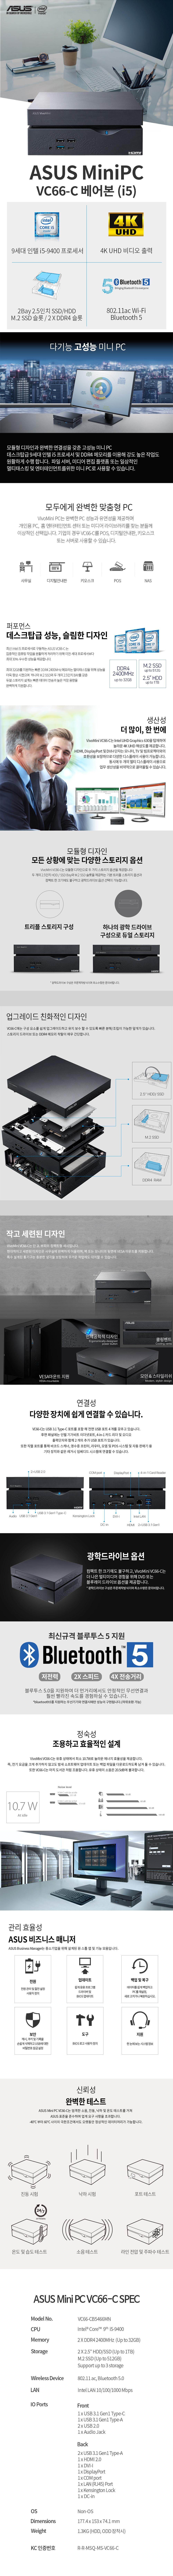 ASUS VivoMini VC66-C i5-9400 M2 (16GB, M2 512GB)